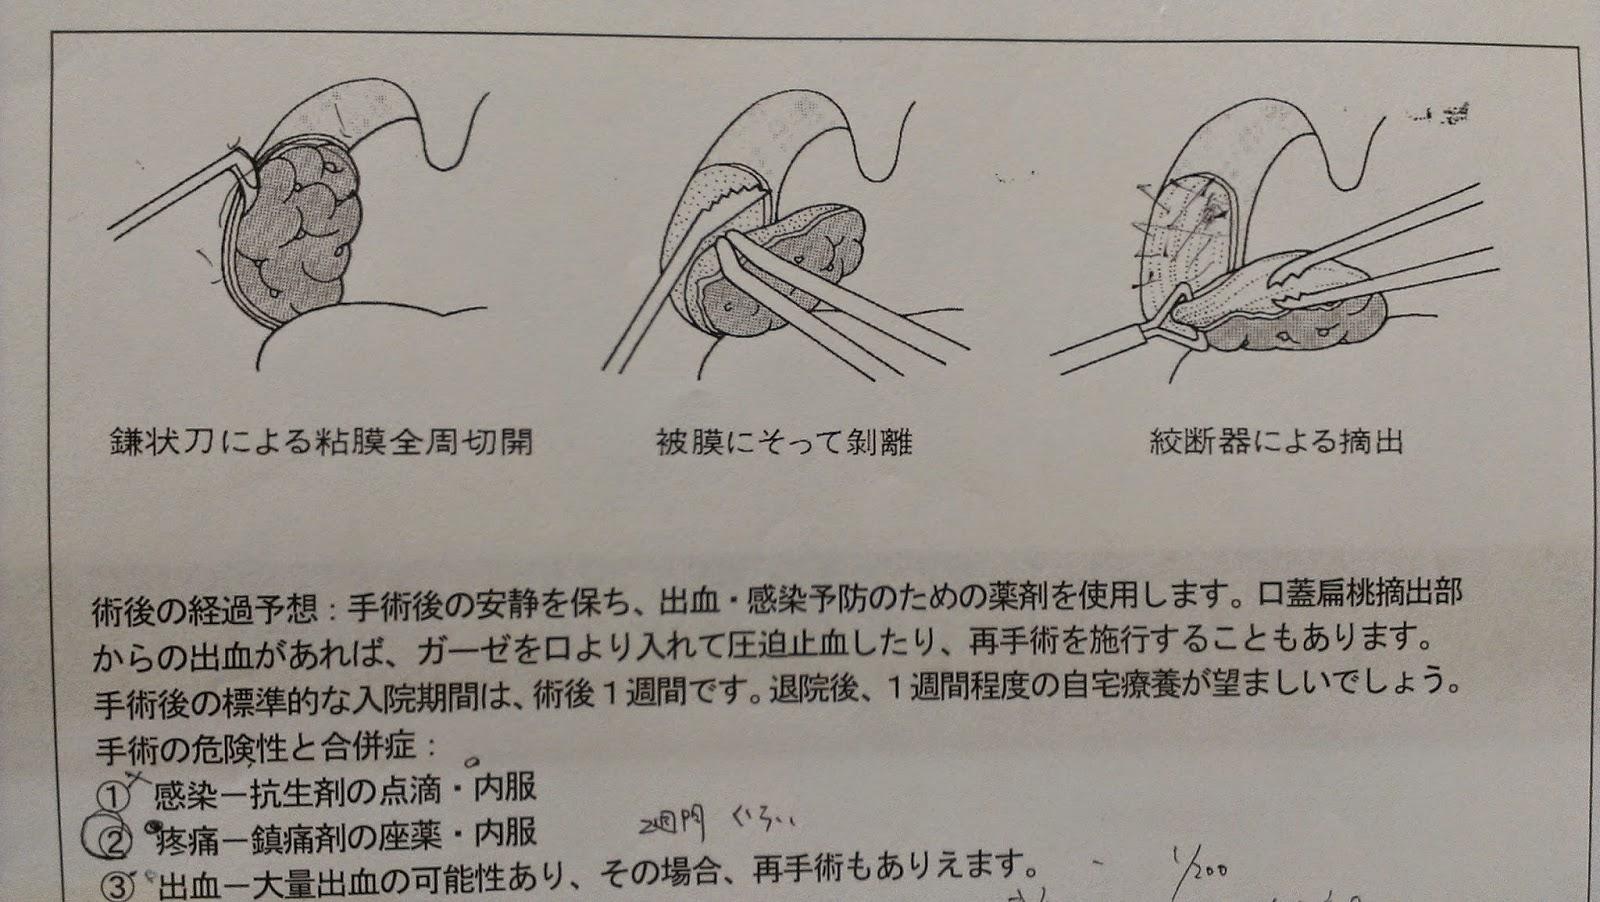 扁桃腺 切除 声